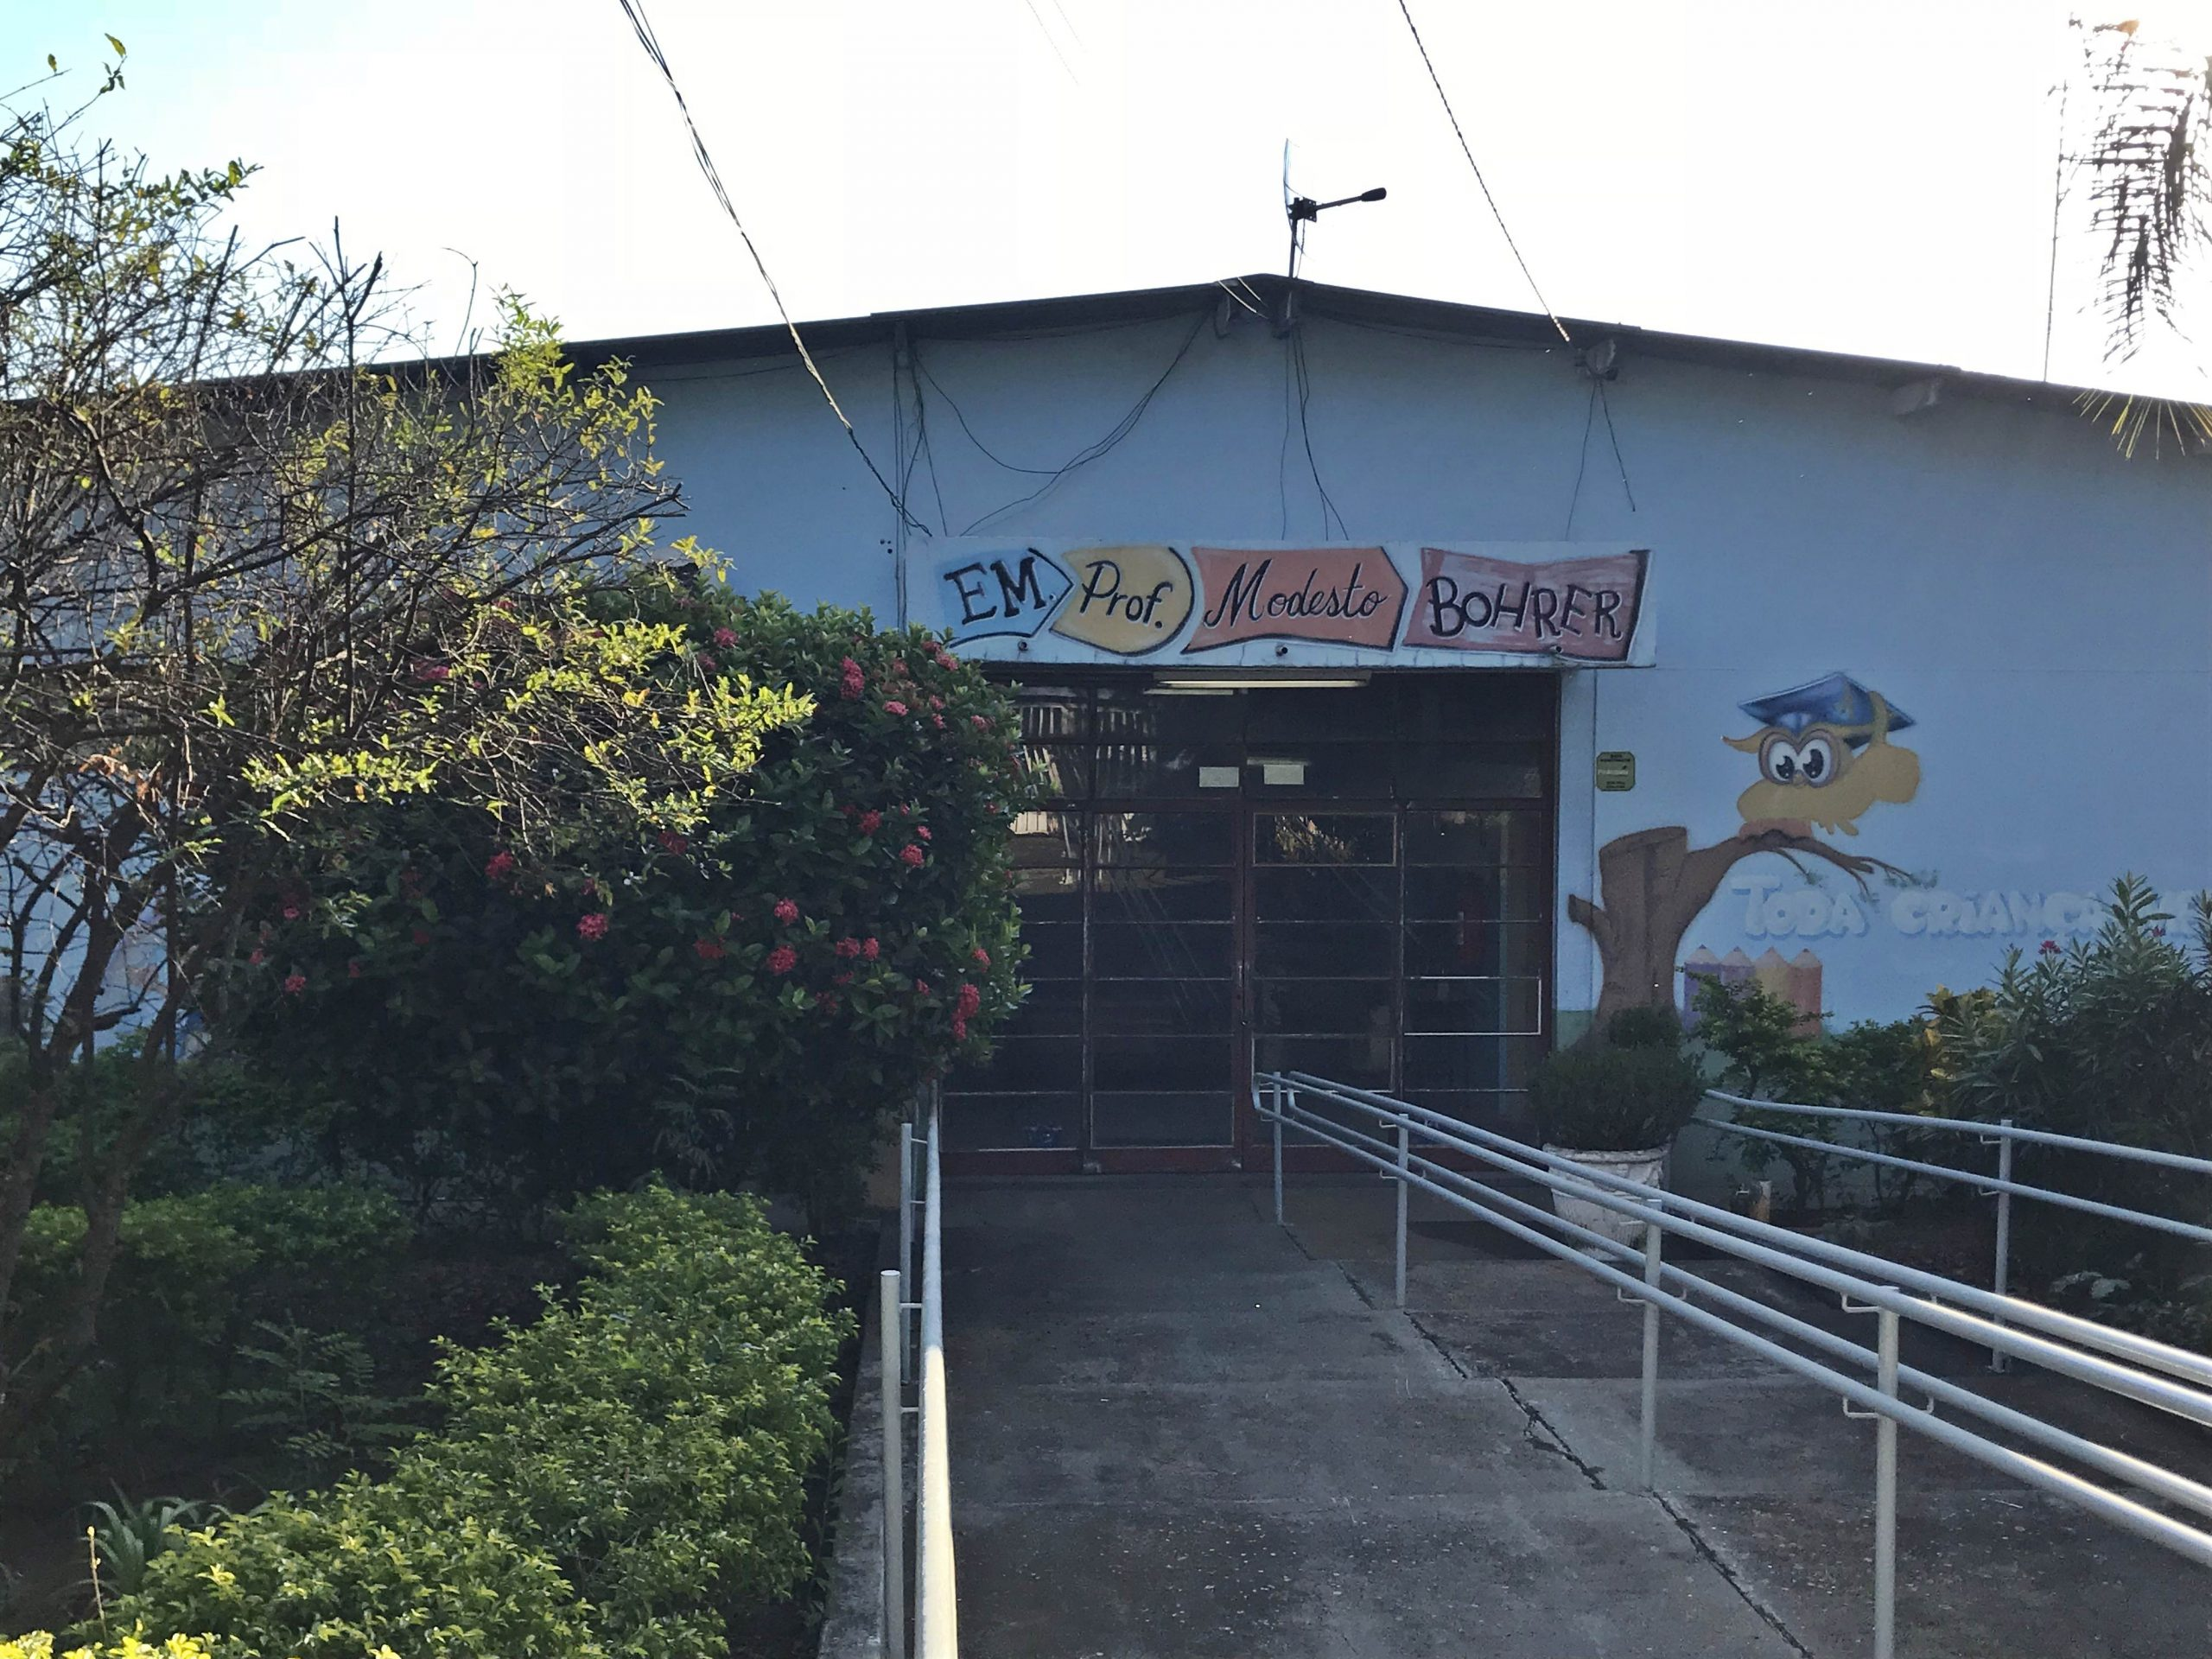 Em Taquaritinga (SP): Prédio da Modesto Bohrer é escolhido para a instalação de escola cívico-militar